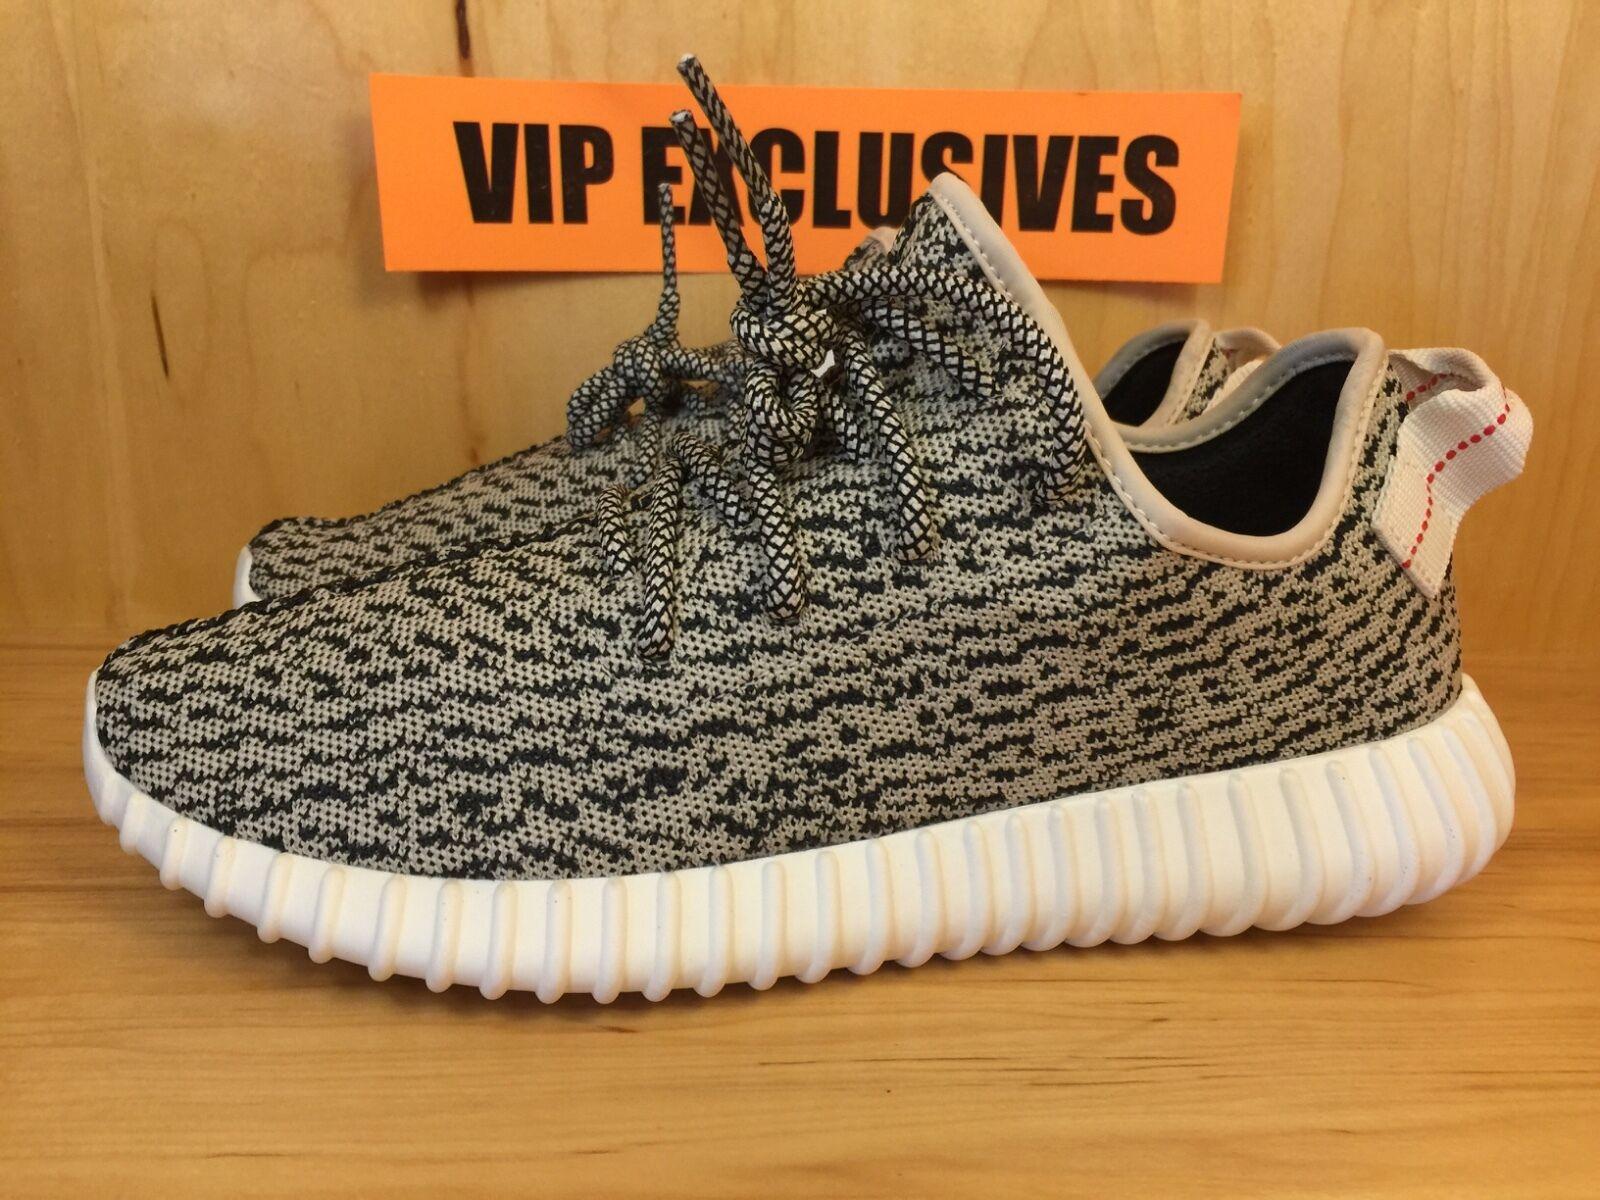 adidas yeezy boost 350 turtle dove size 10 kanye adidas yeezy black